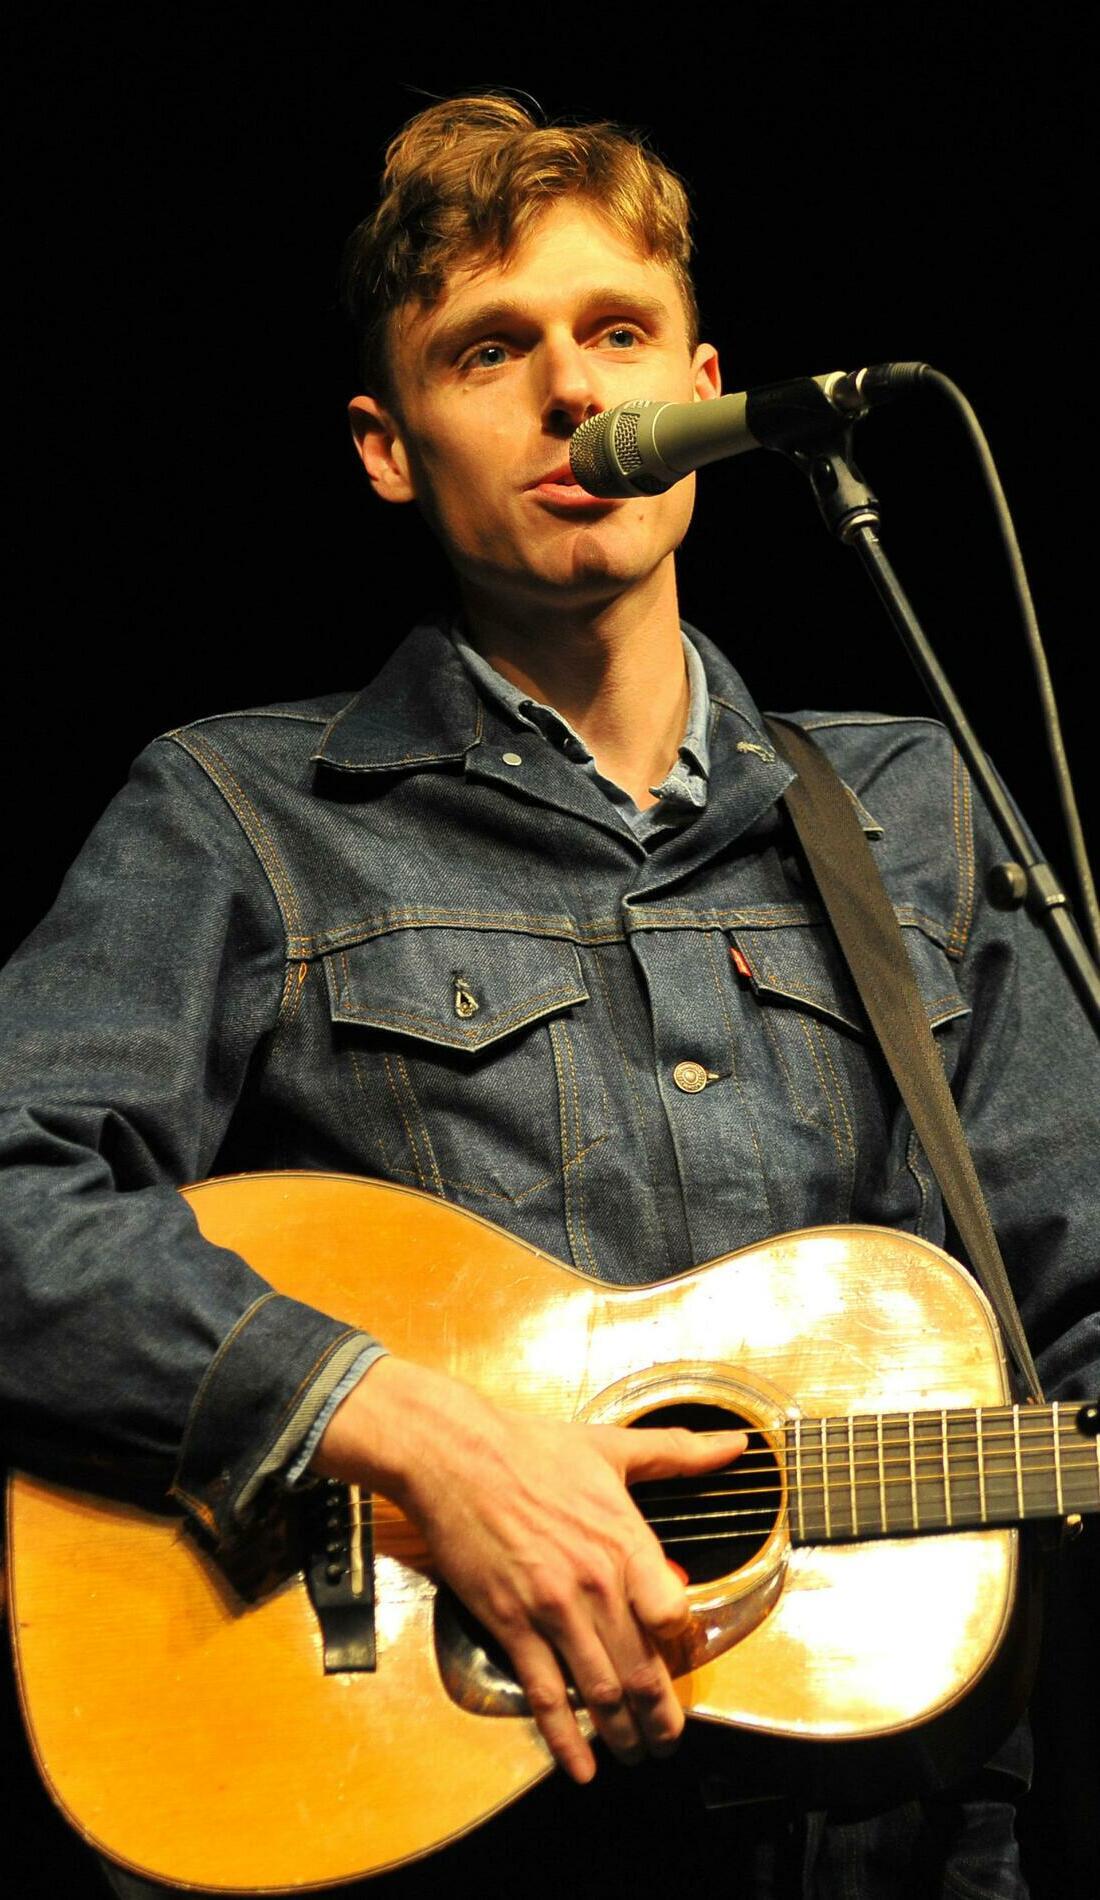 A Joel Plaskett live event